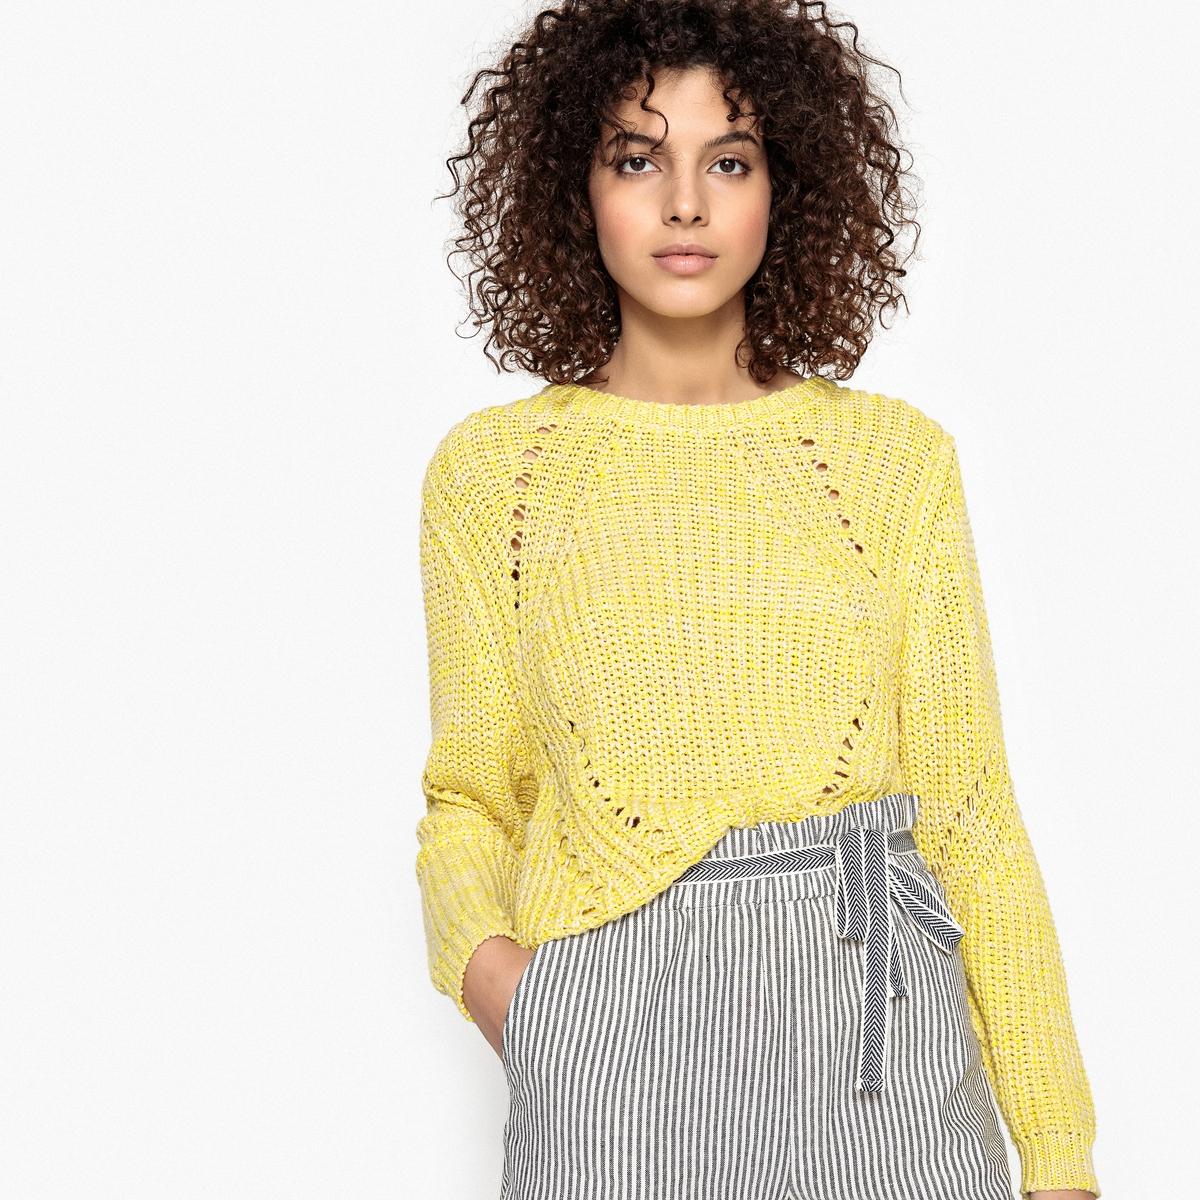 Пуловер с трикотажными вставками PAULДетали •  Длинные рукава •  Круглый вырез •  Плотный трикотаж Состав и уход •  100% хлопок •  Следуйте рекомендациям по уходу, указанным на этикетке изделия<br><br>Цвет: светло-желтый<br>Размер: M.S.XS